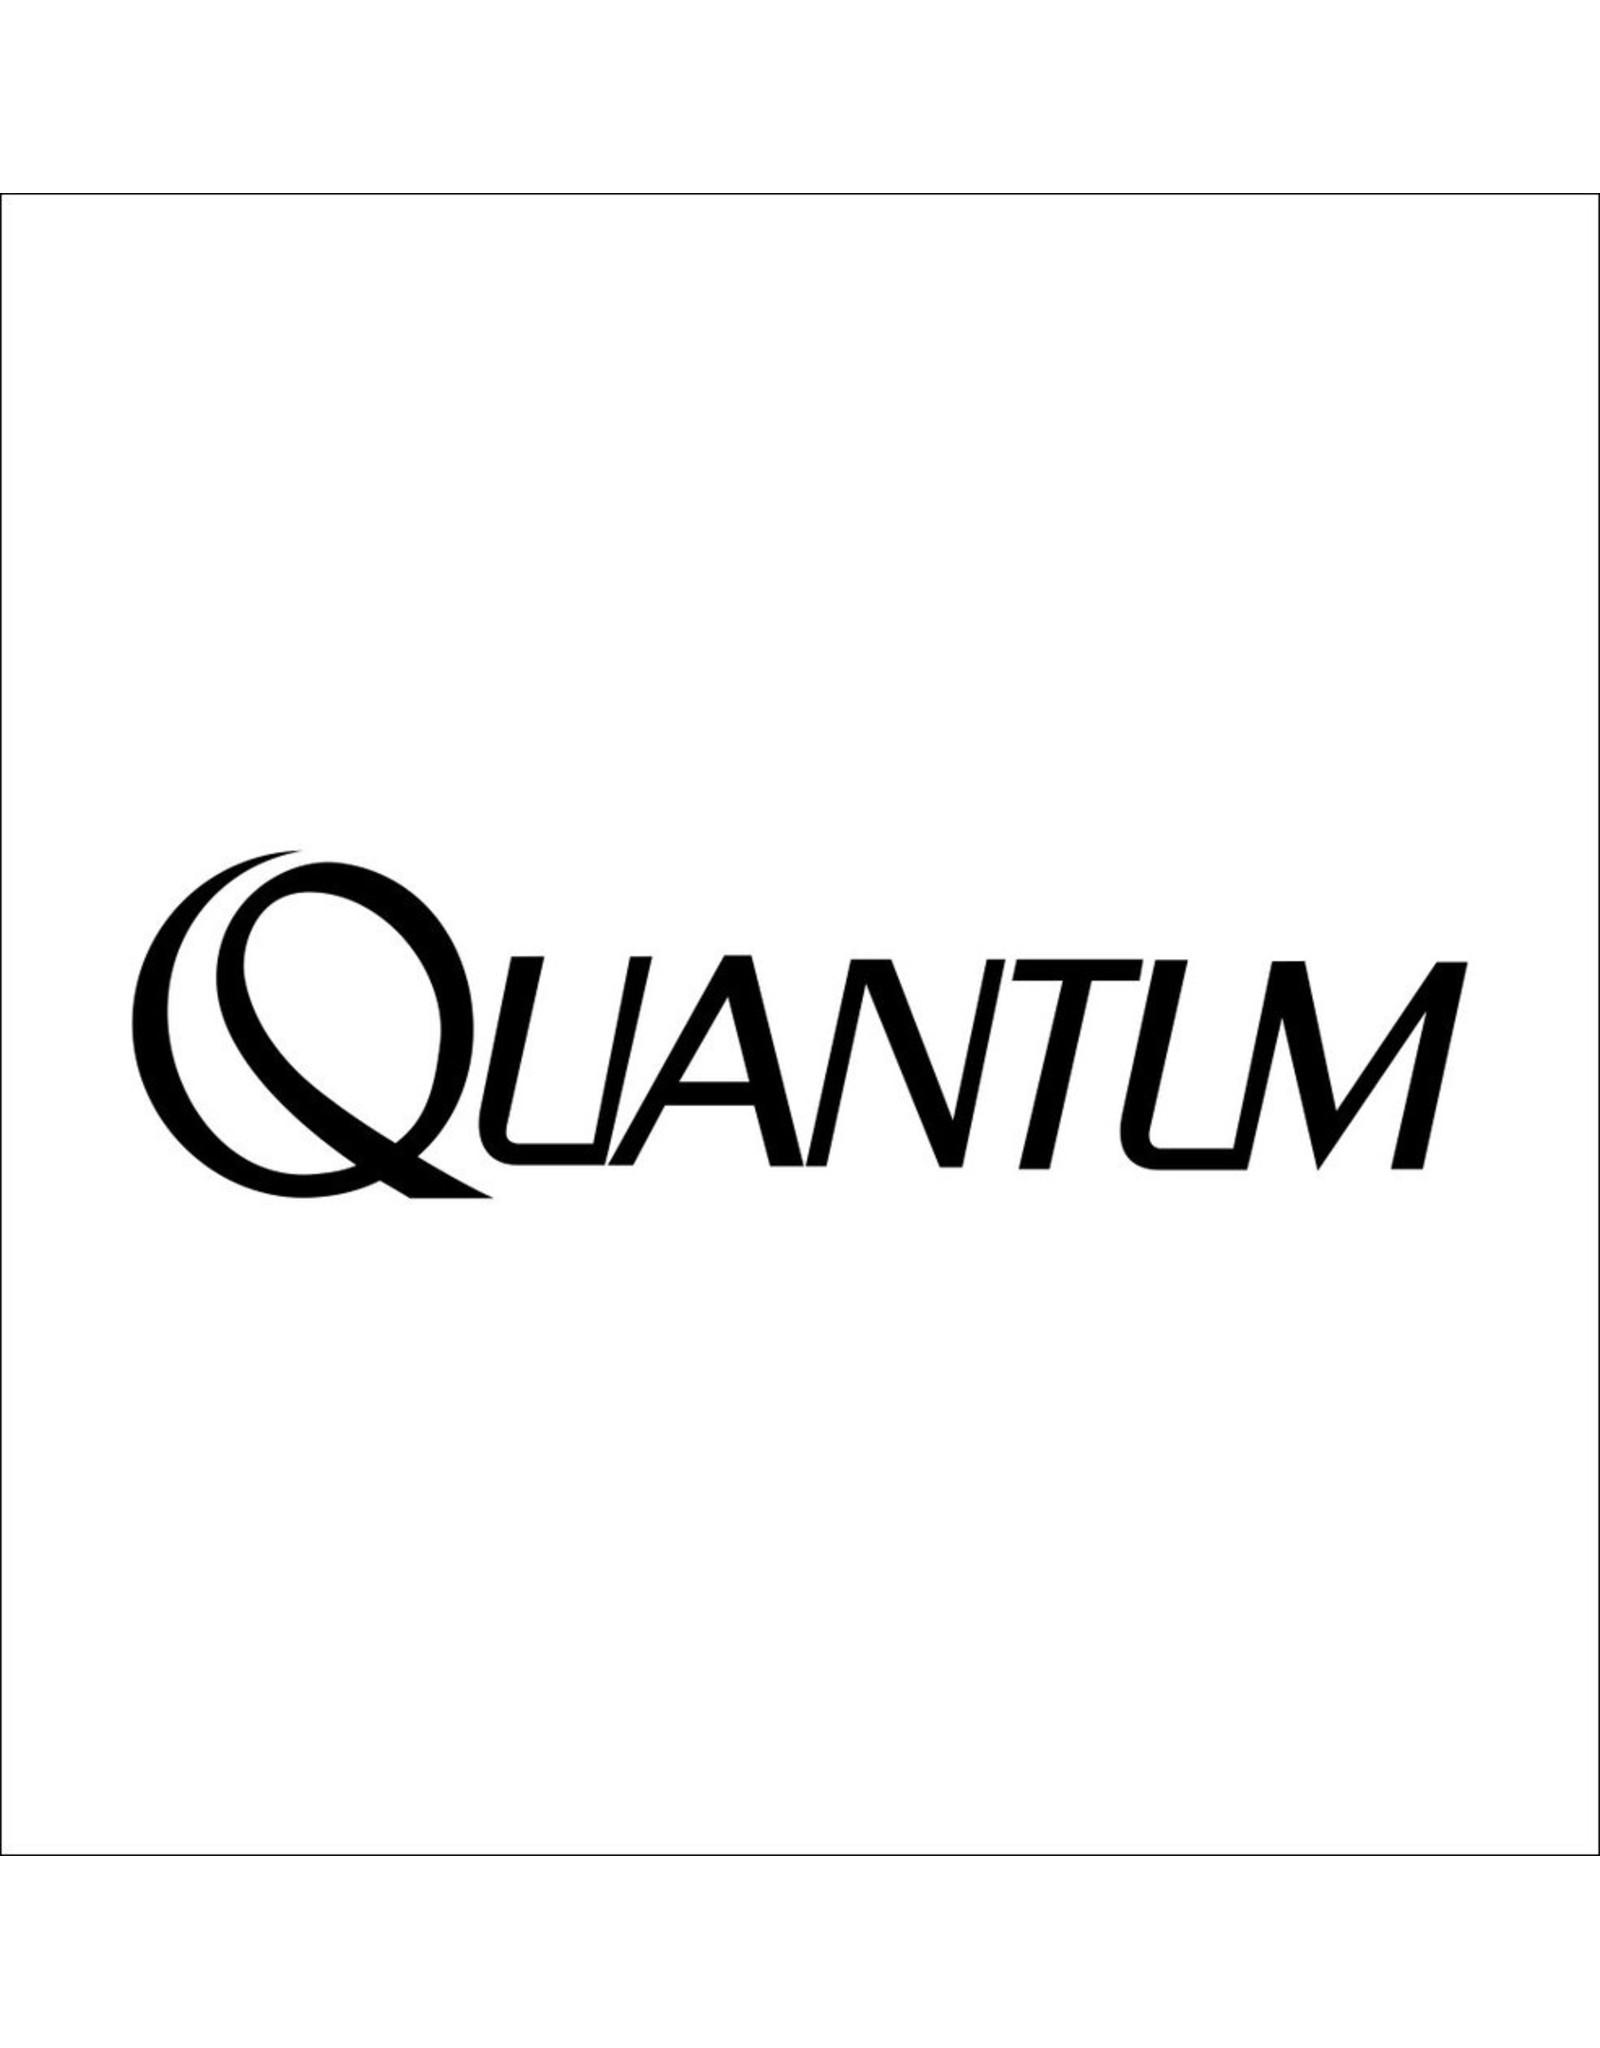 Quantum BAIL ASSM.